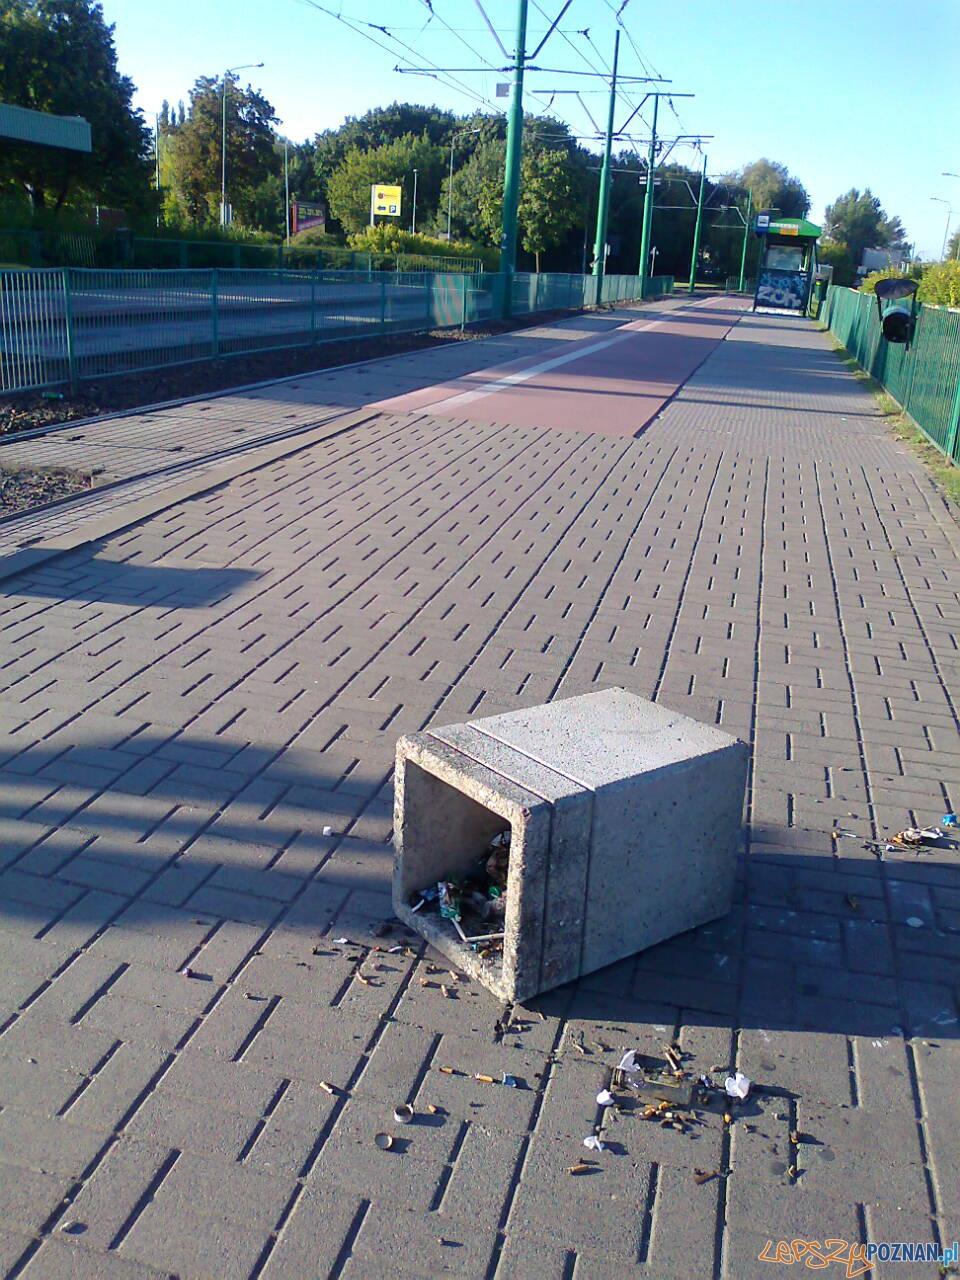 Zdemolowany przystanek na Rondzie Starołęka  Foto: NishioPoznan